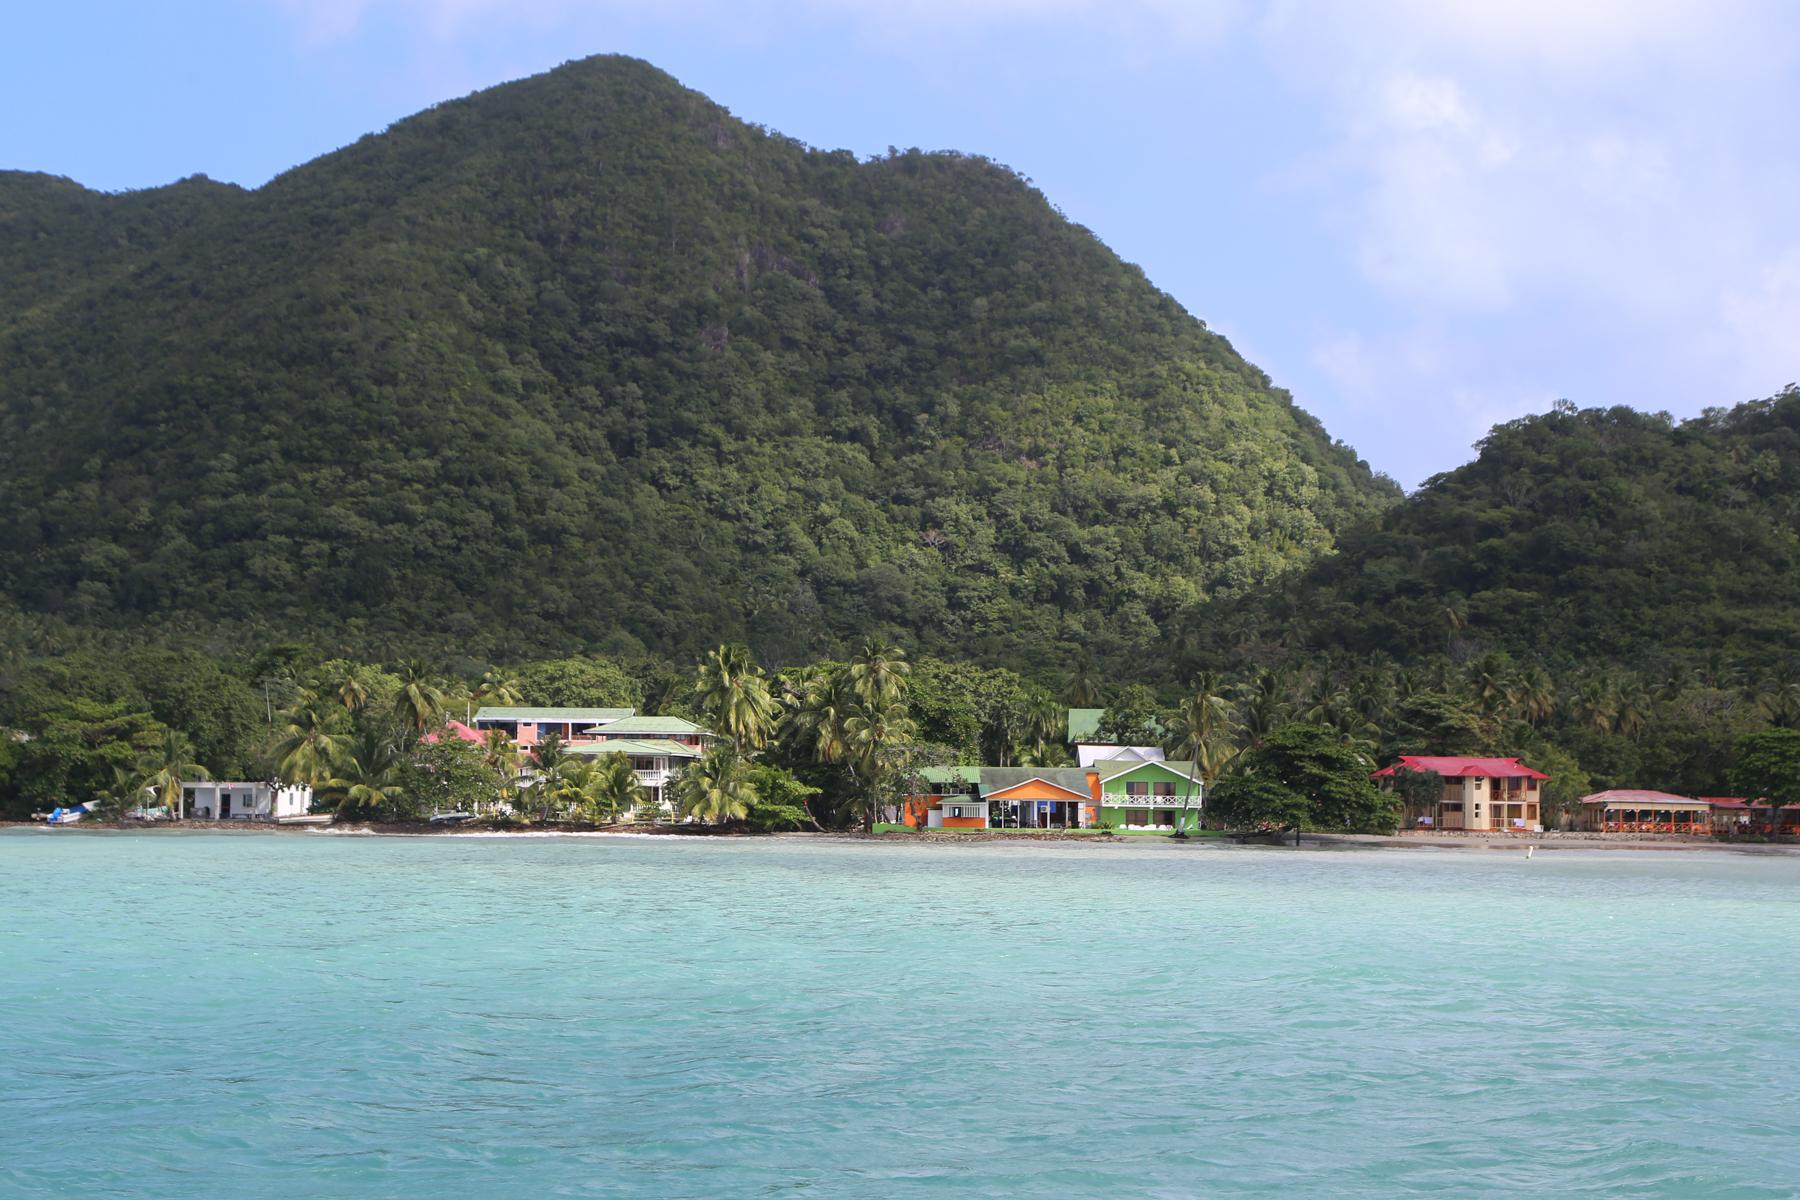 Картинки по запросу Duff island